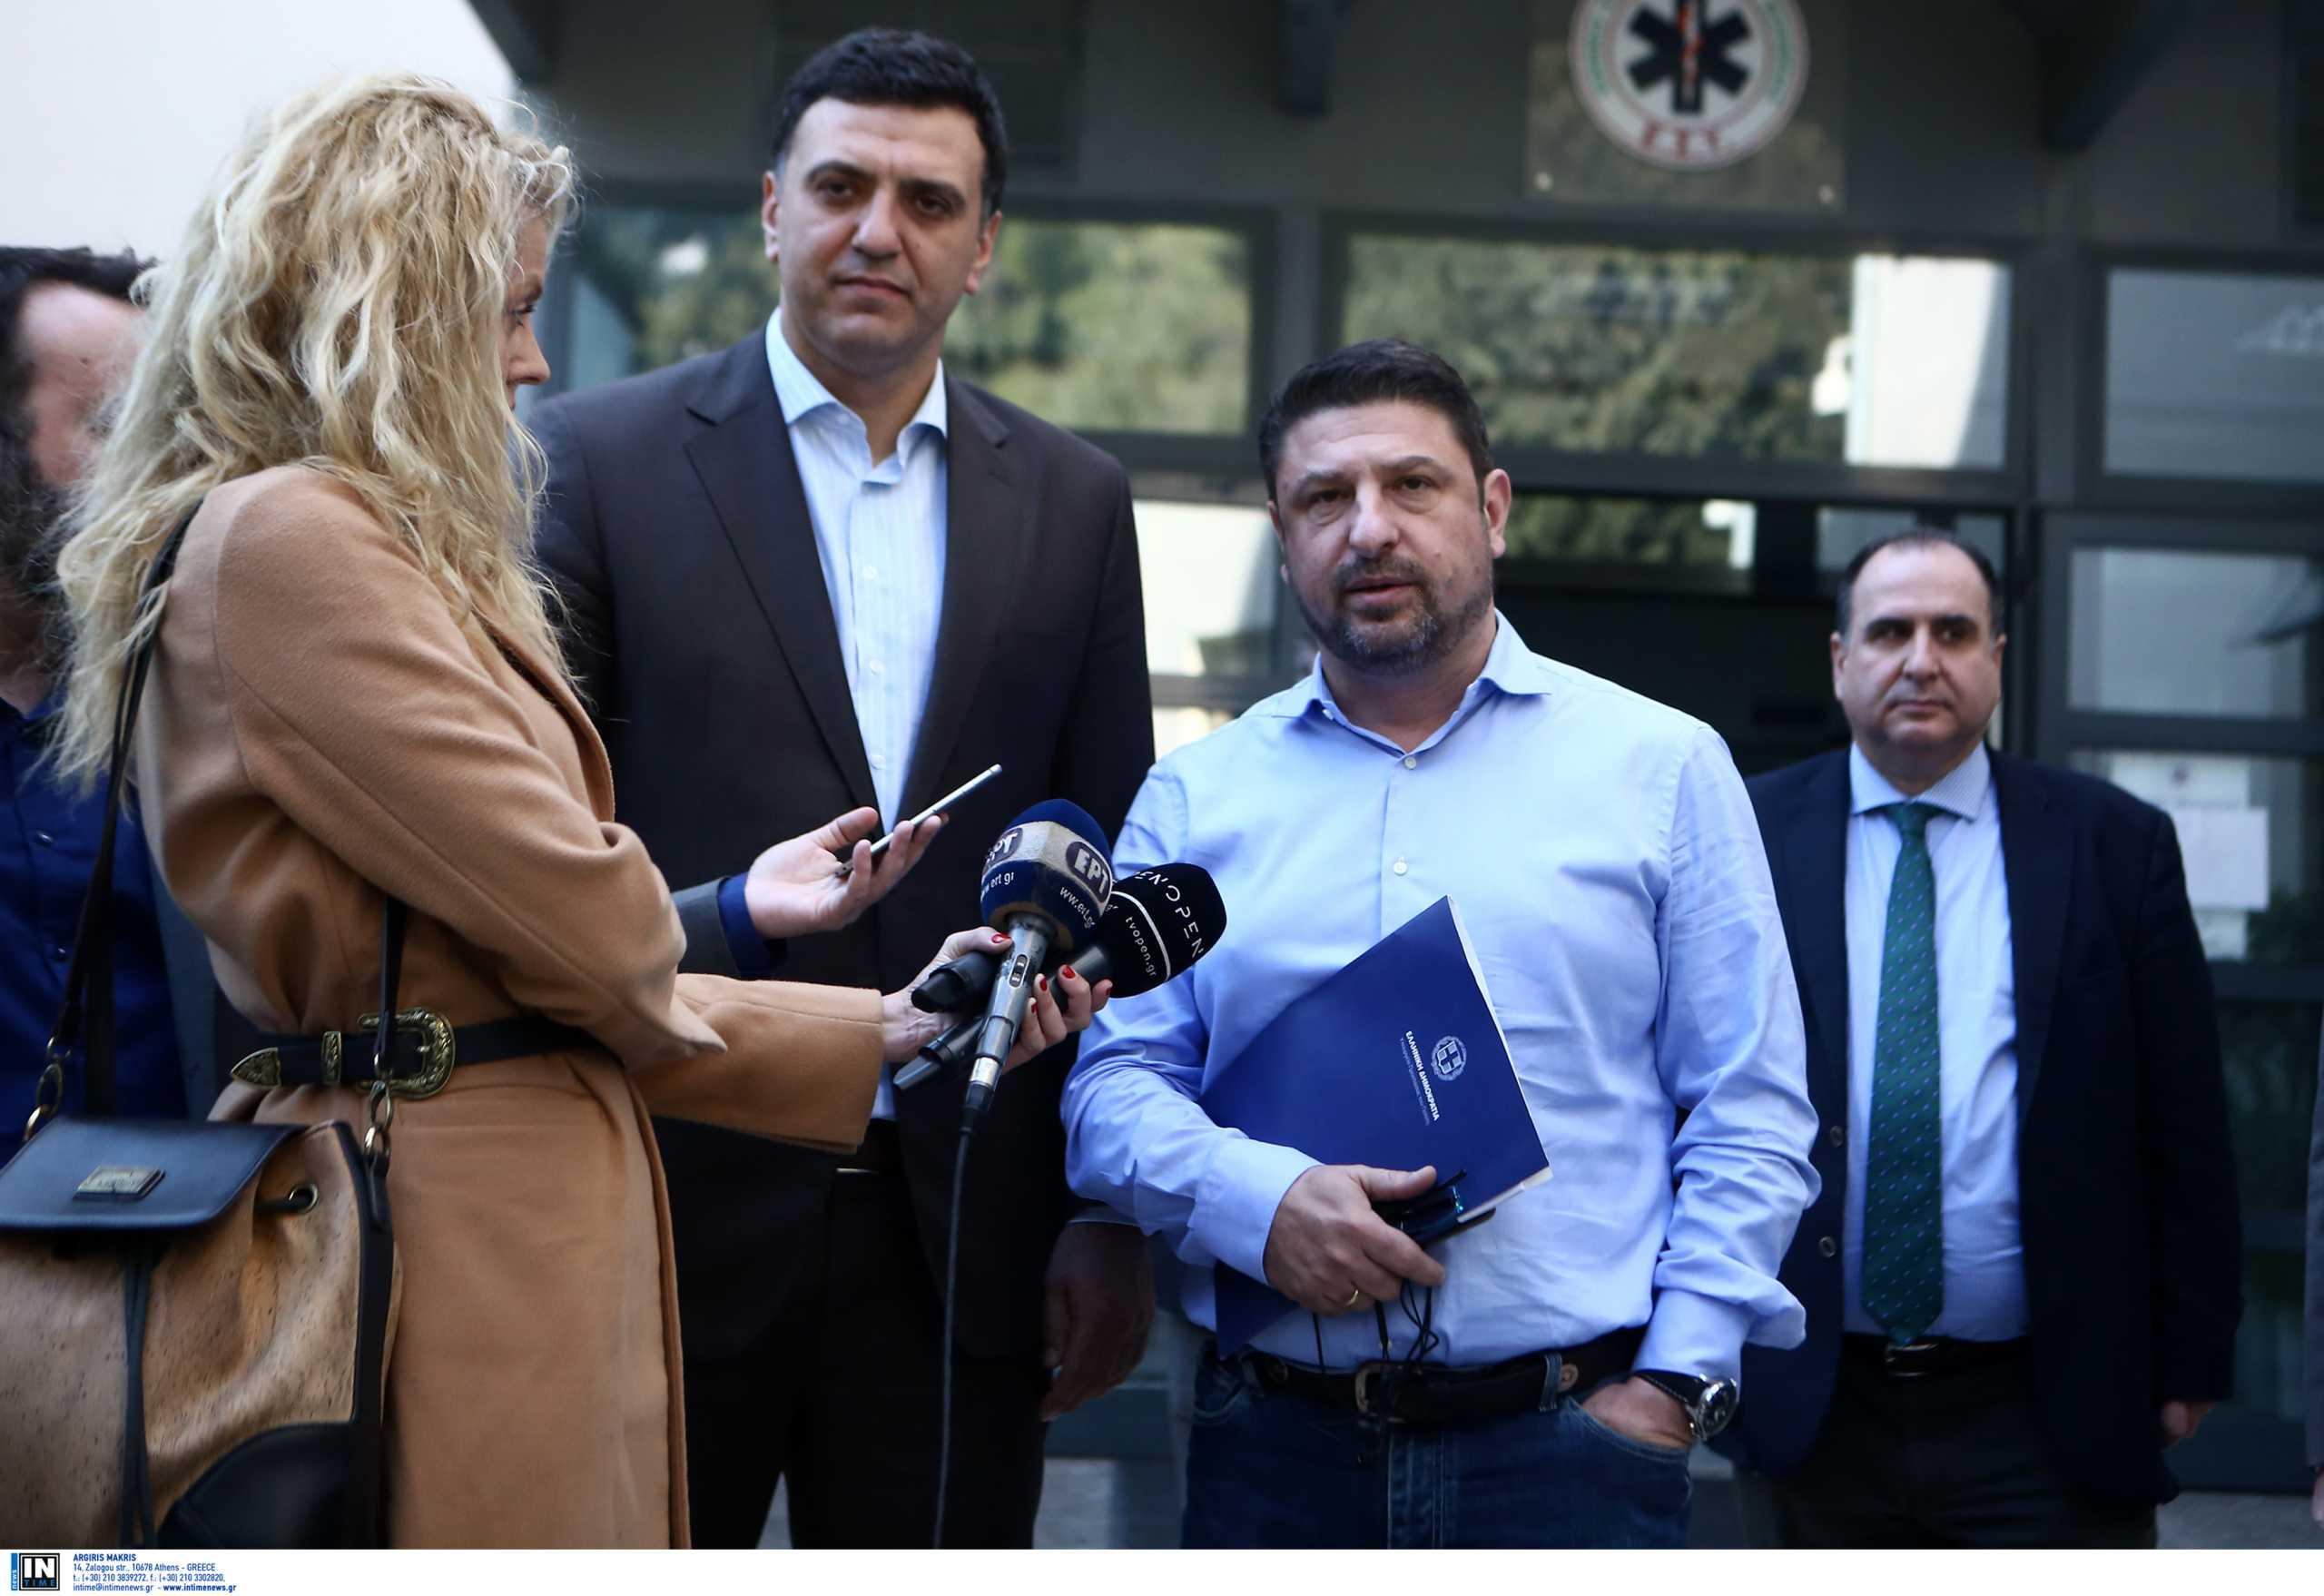 Επίσημο: Στις 7 ανακοινώσεις Χαρδαλιά και Κικίλια για τα νέα μέτρα